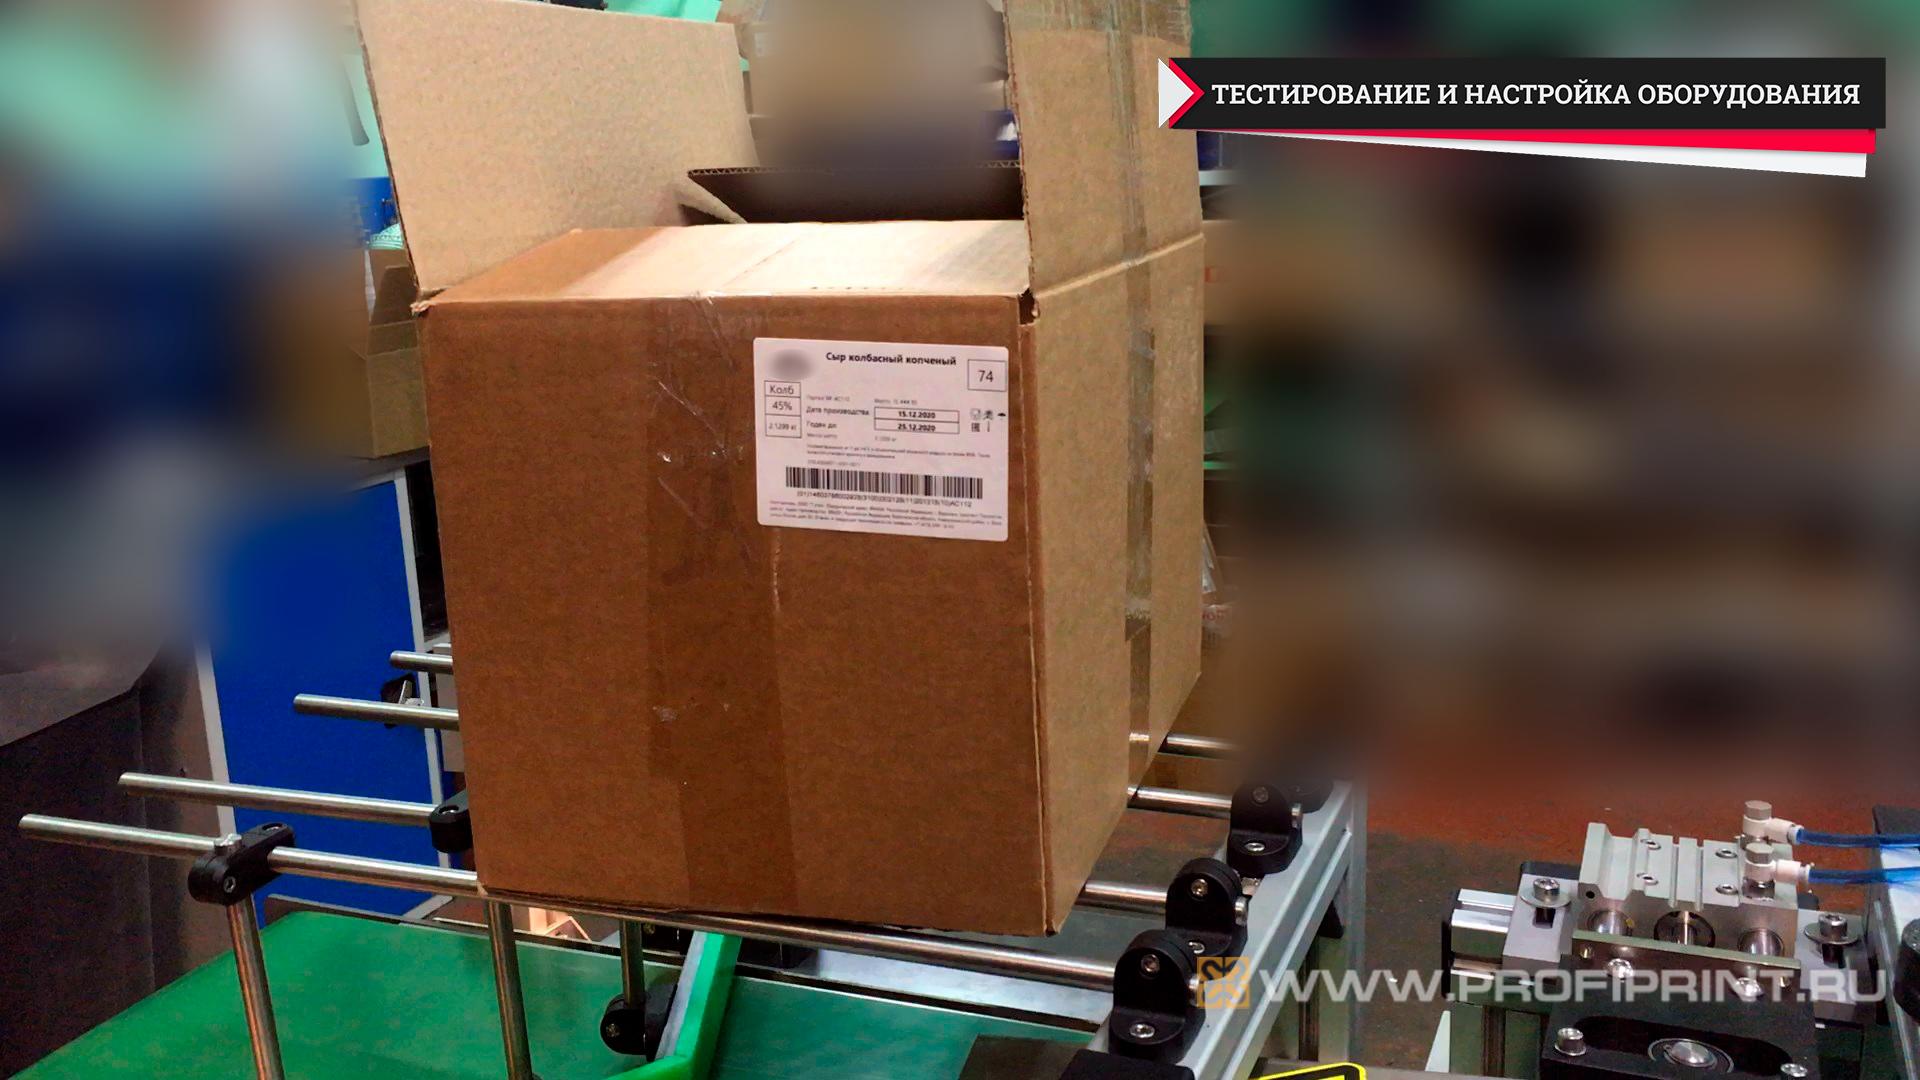 Групповая этикетка на коробке с продукцией